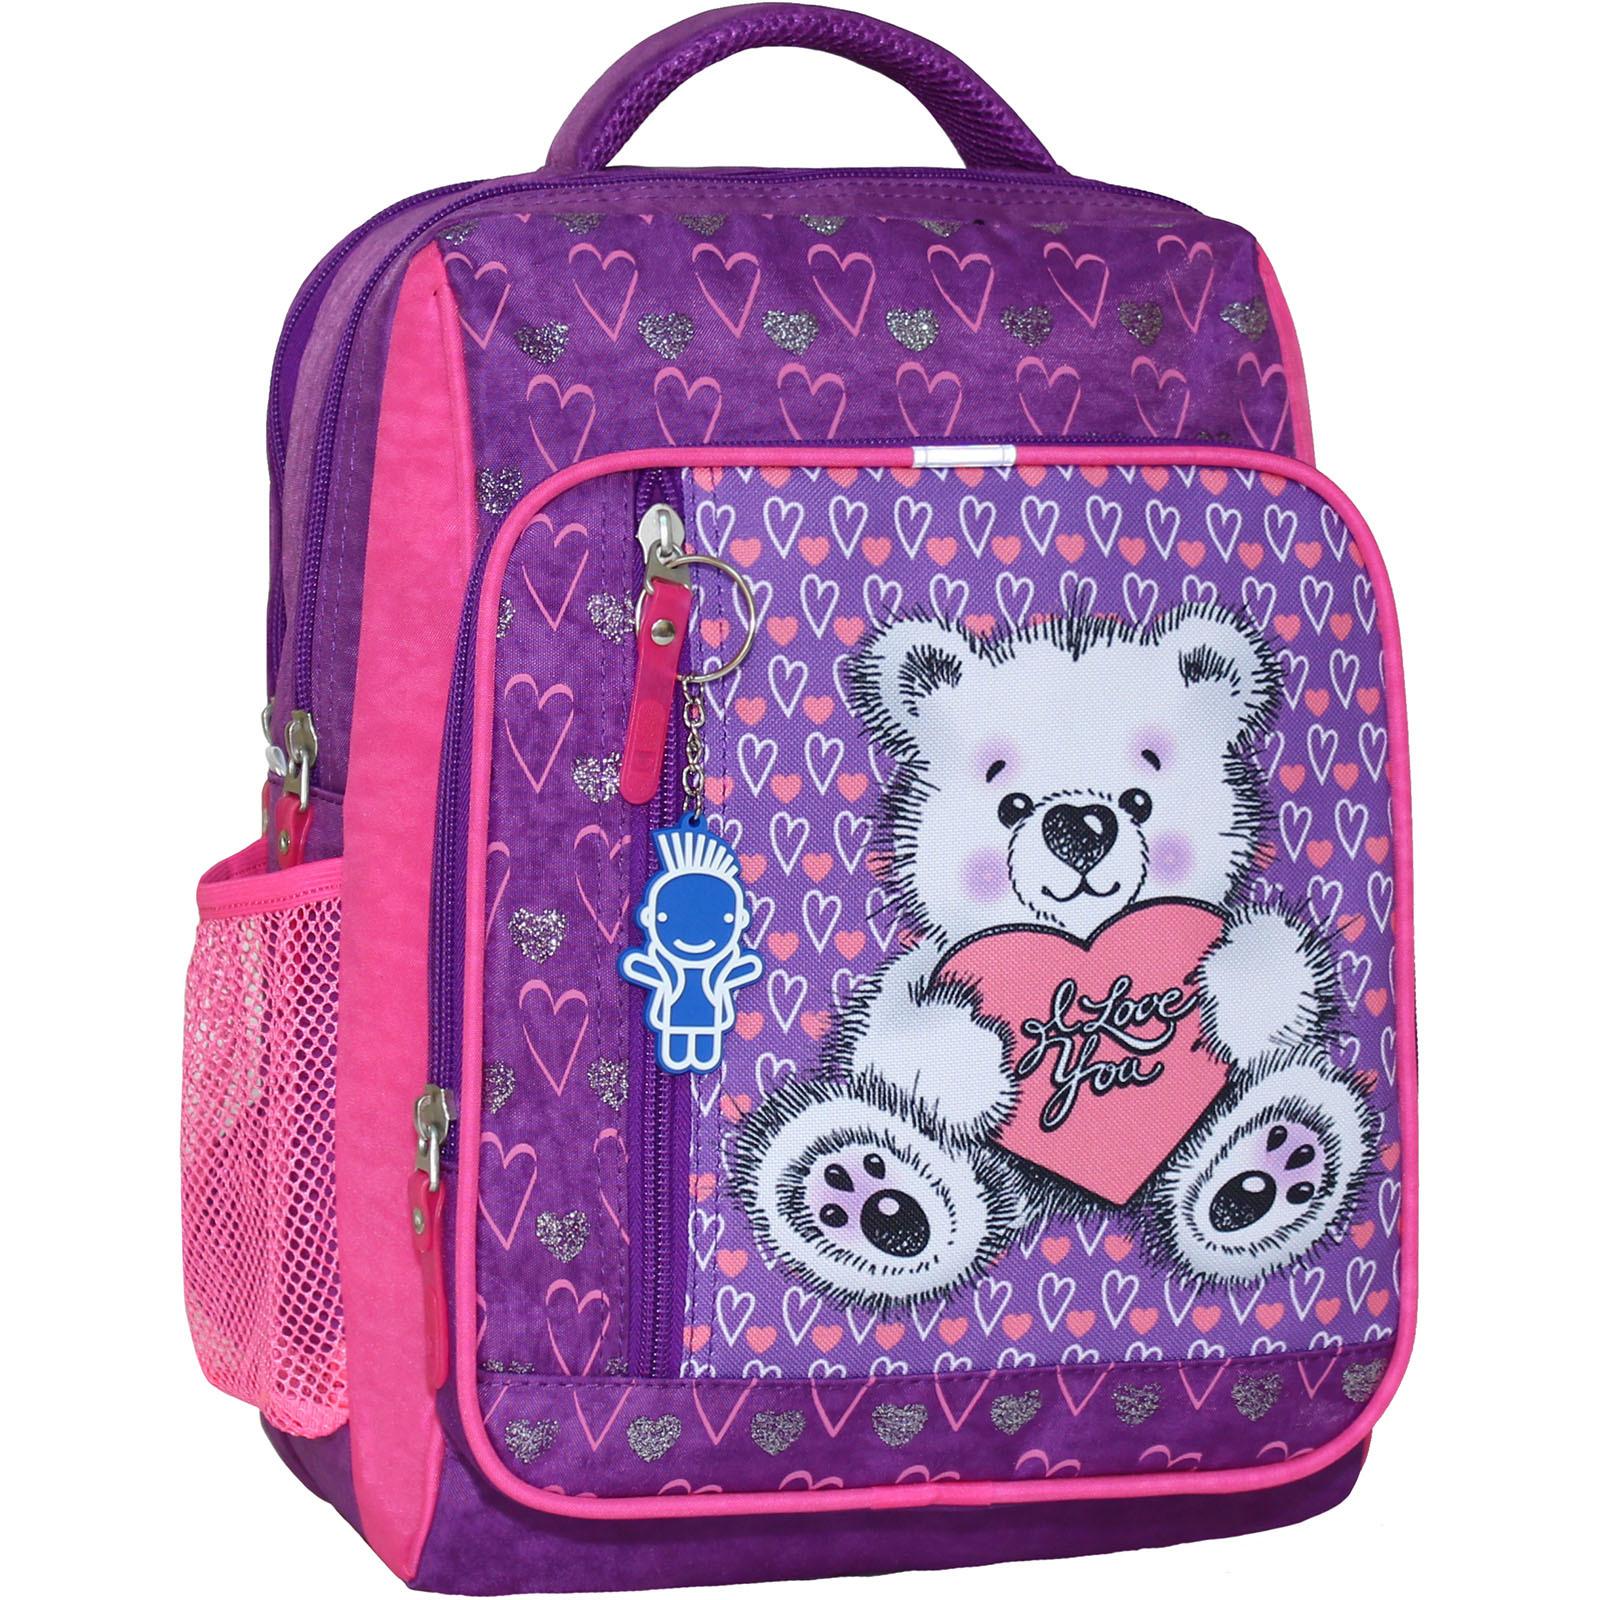 Школьные рюкзаки Рюкзак школьный Bagland Школьник 8 л. 339 фiолетовий 377 (00112702) IMG_6419_377_.JPG